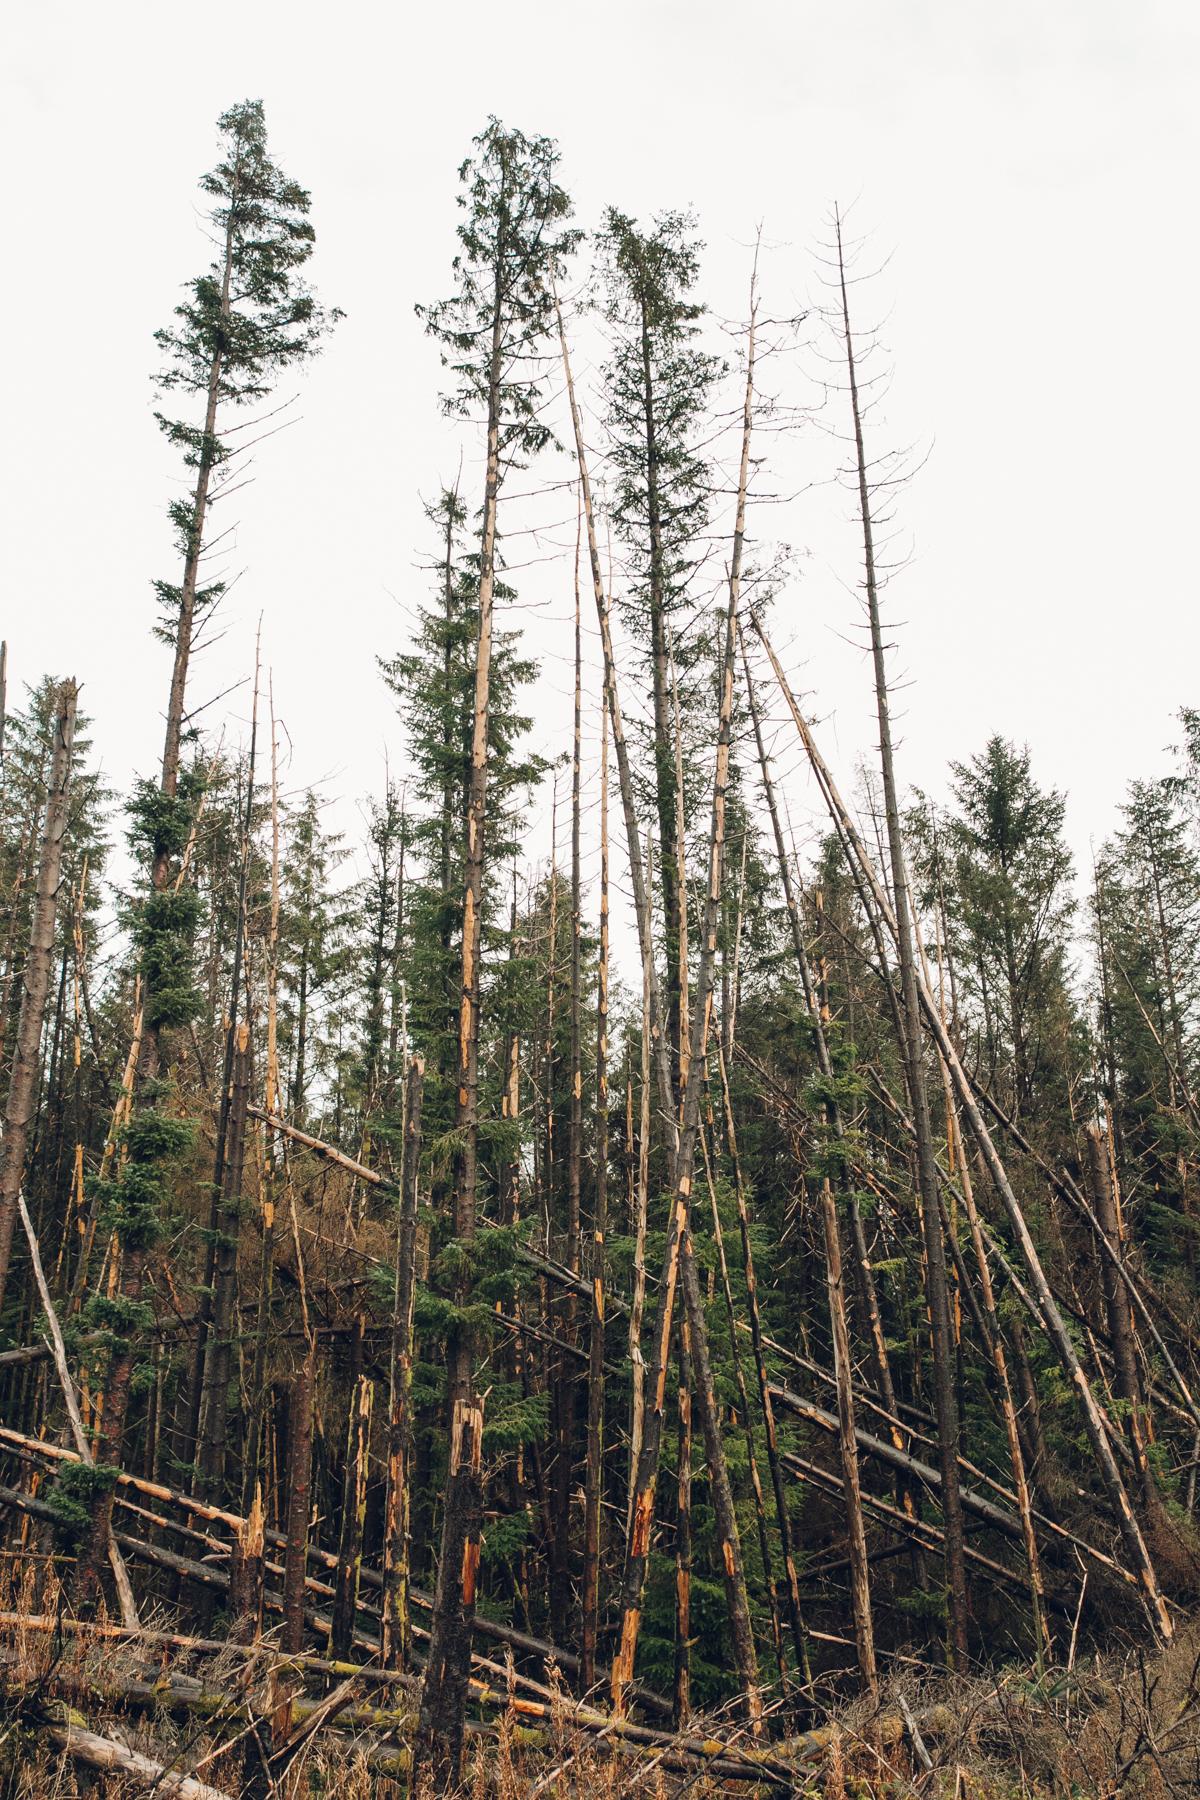 Fallen pine trees.